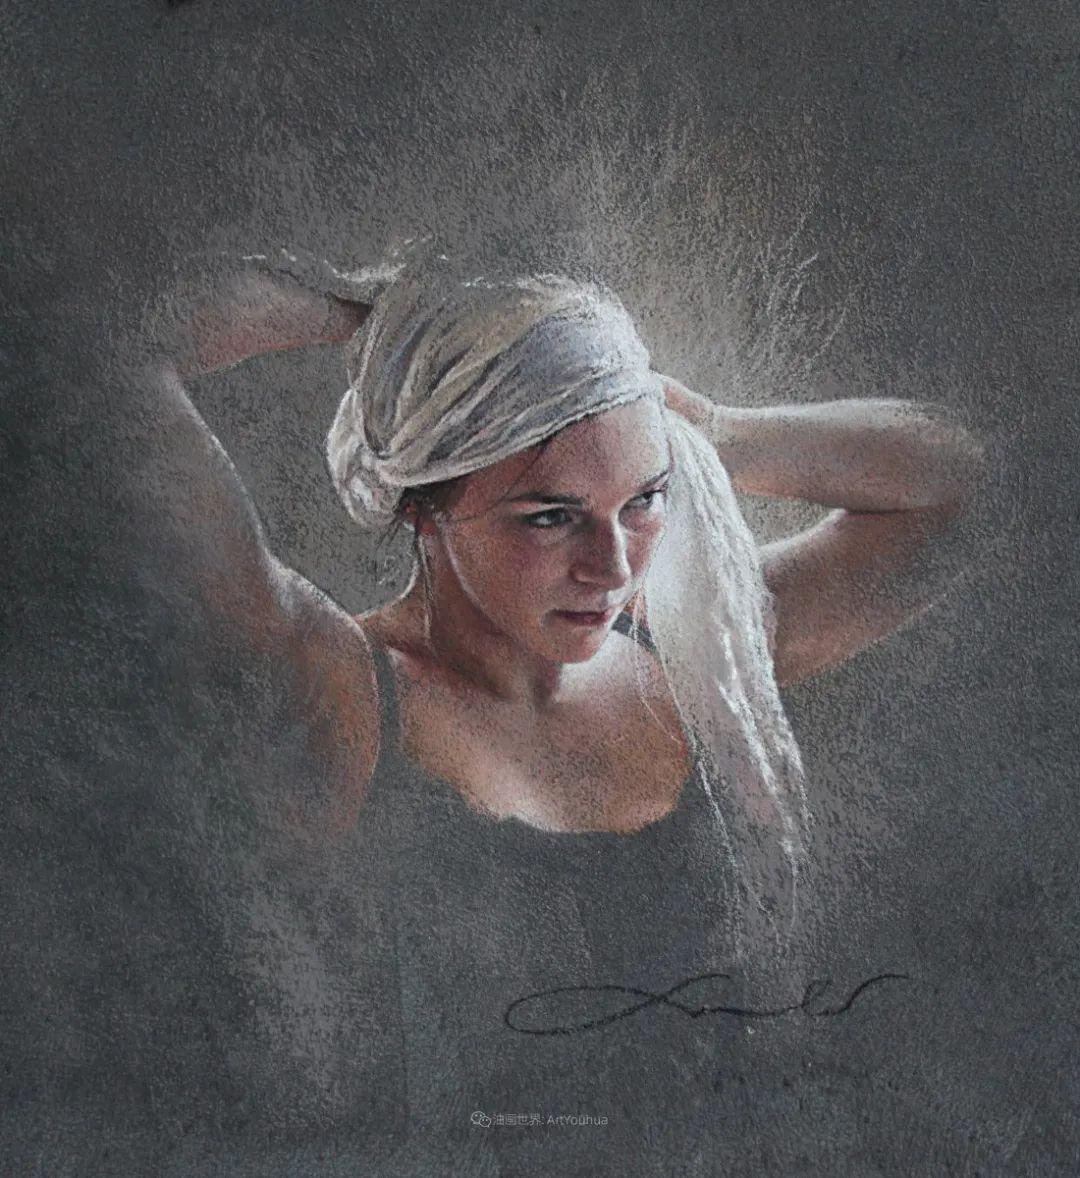 法国女粉彩大师,描绘的女性之美,细腻柔和!插图41